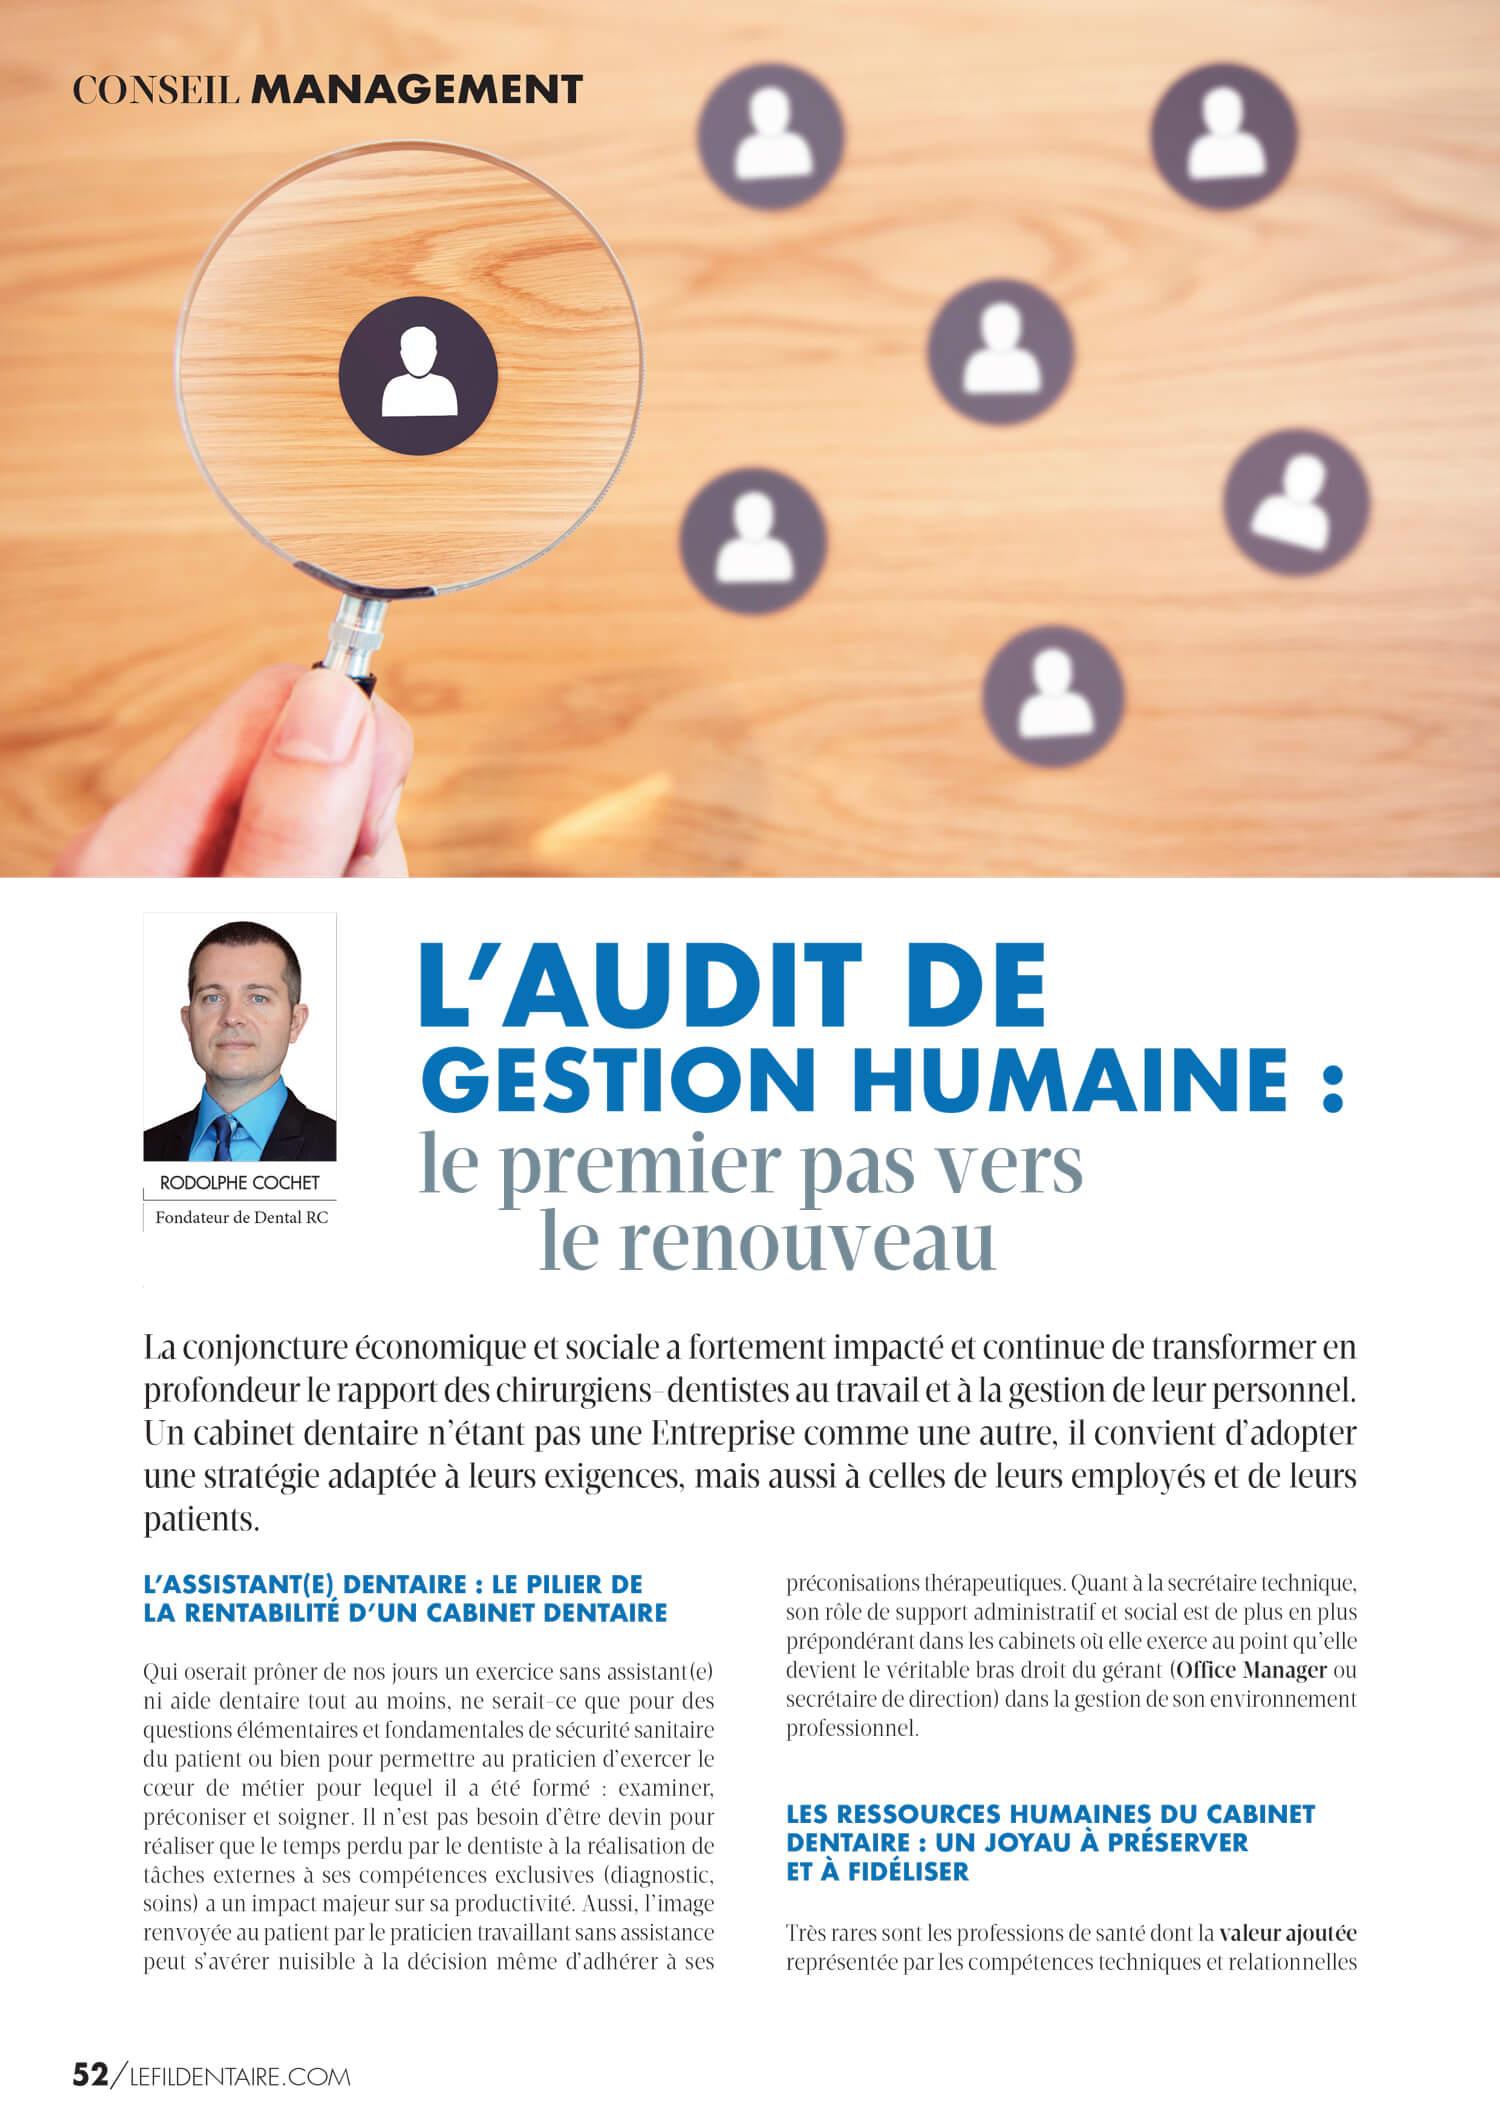 Audit_de_gestion_humaine_au_cabinet_dentaire_-_Rodolphe_Cochet.jpg